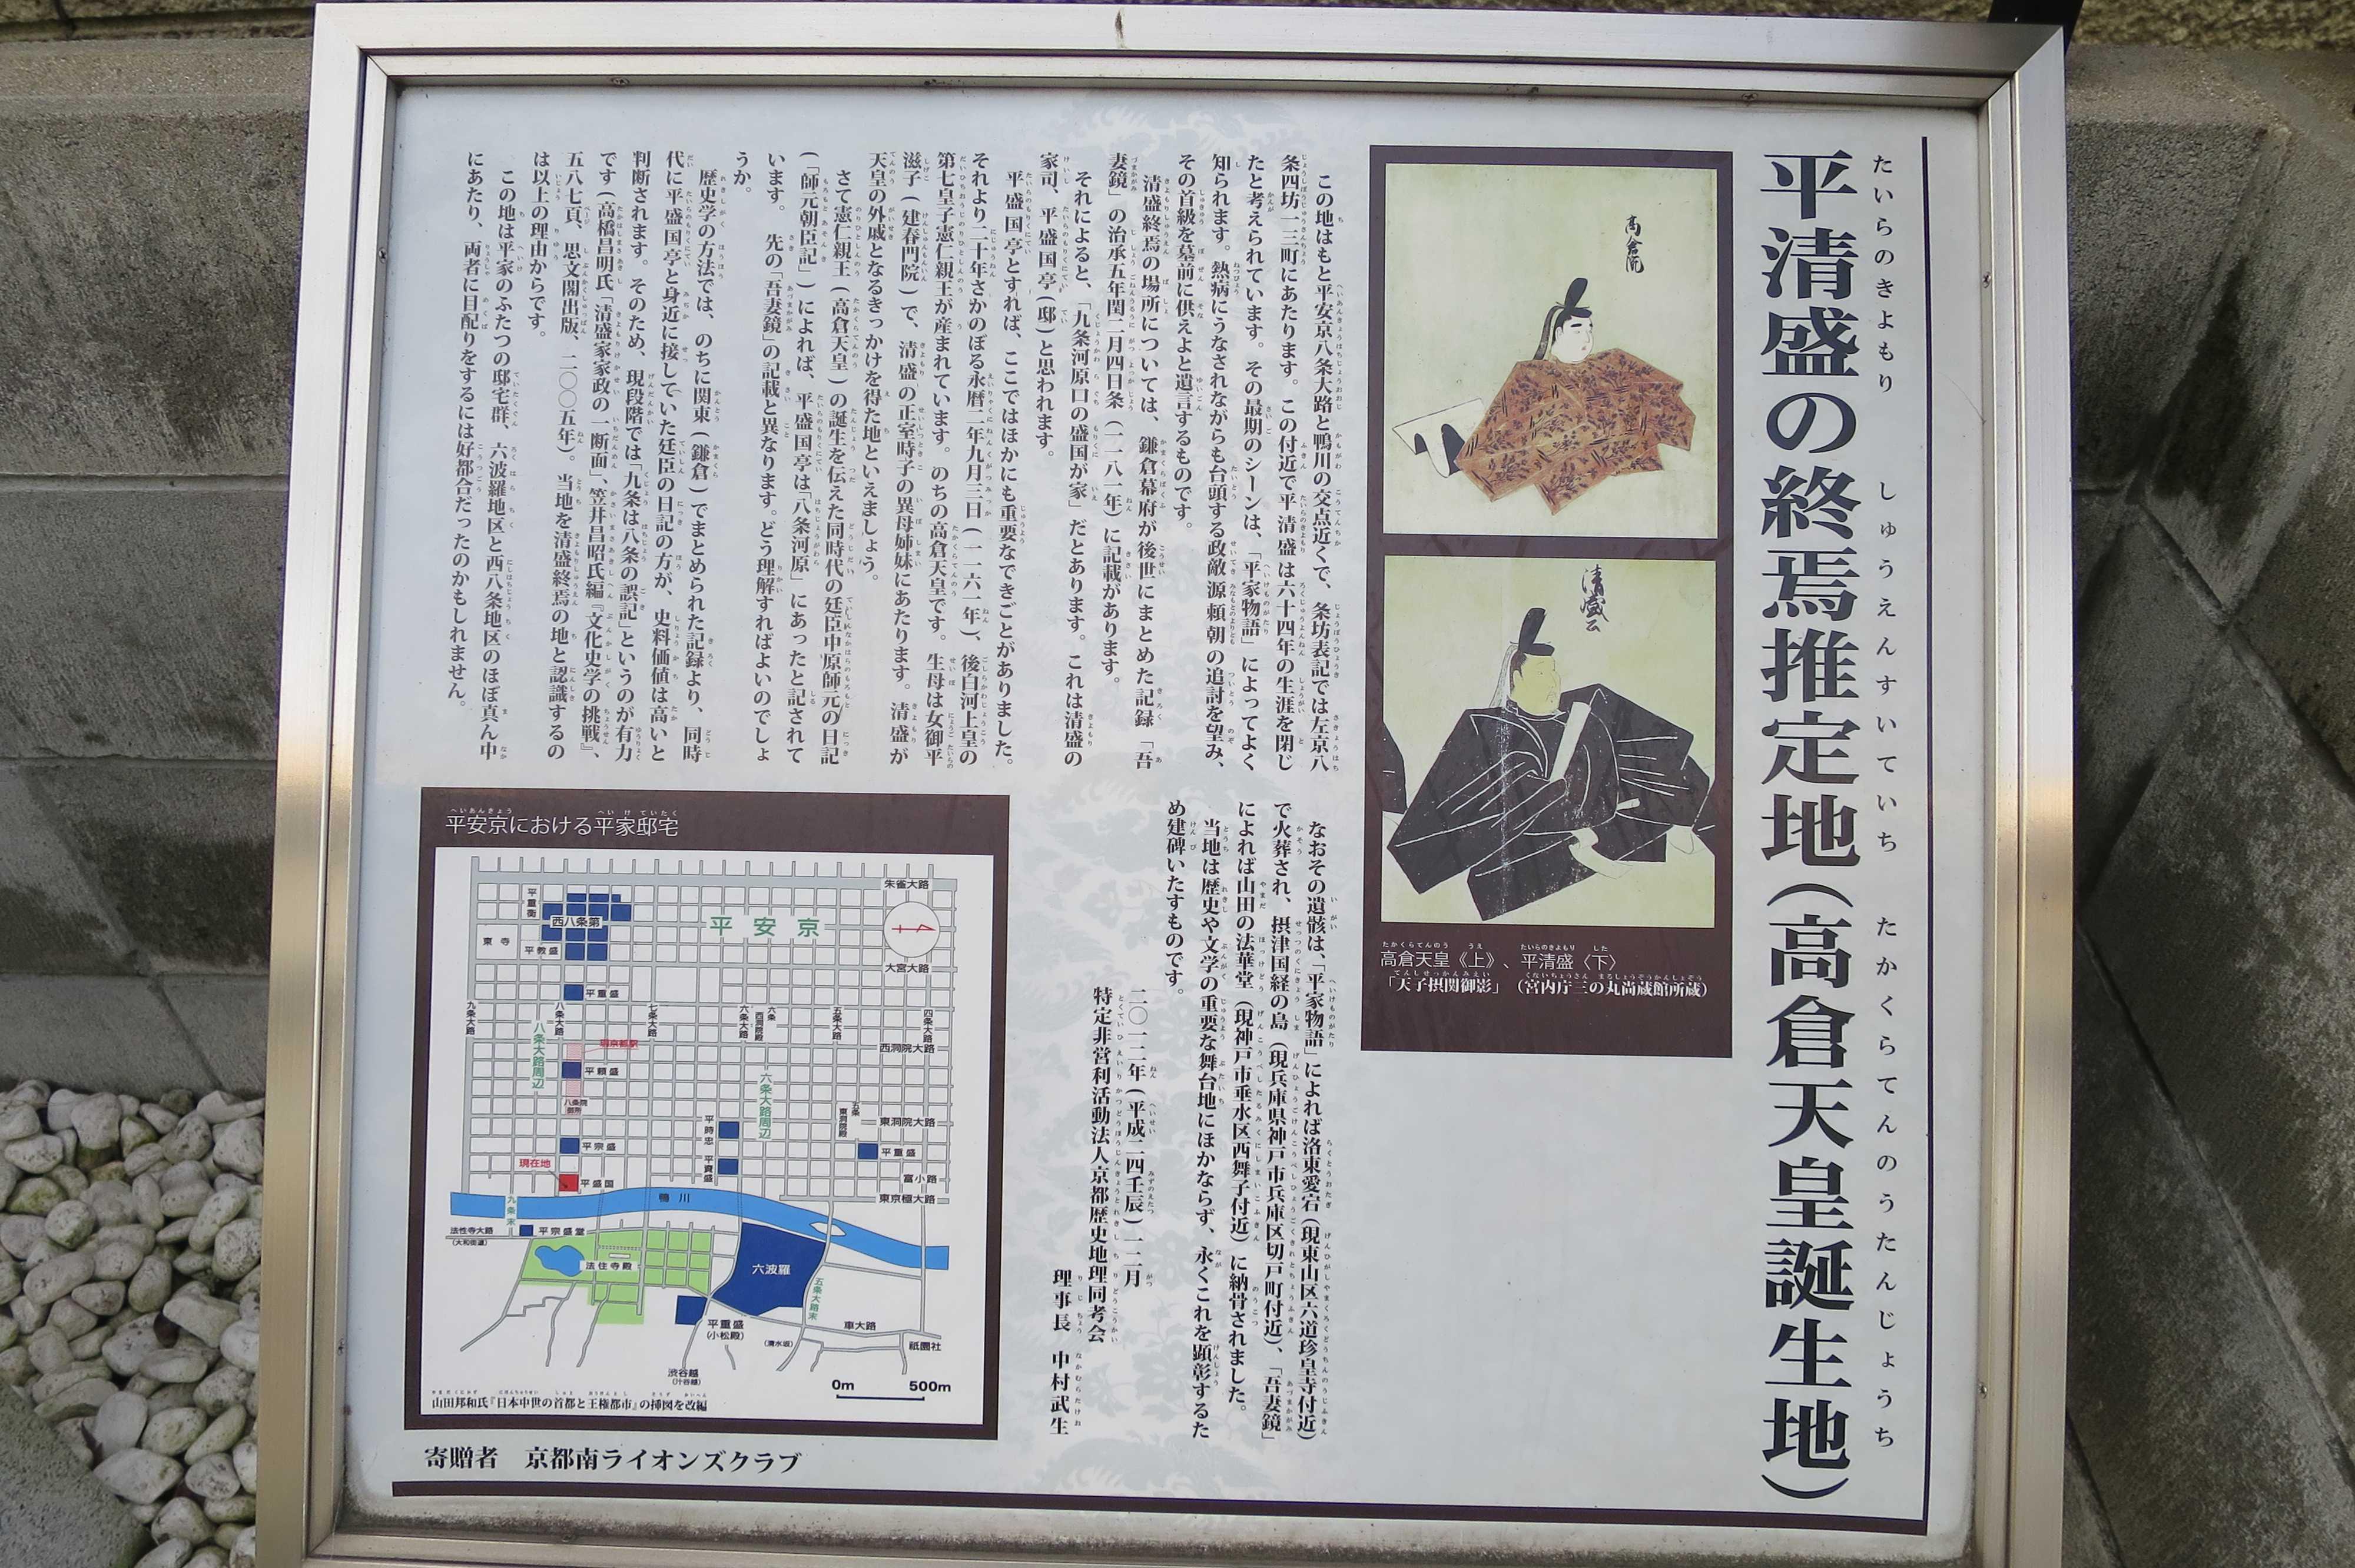 京都・崇仁地区 - 平清盛の終焉推定地(高倉天皇誕生地)の案内板